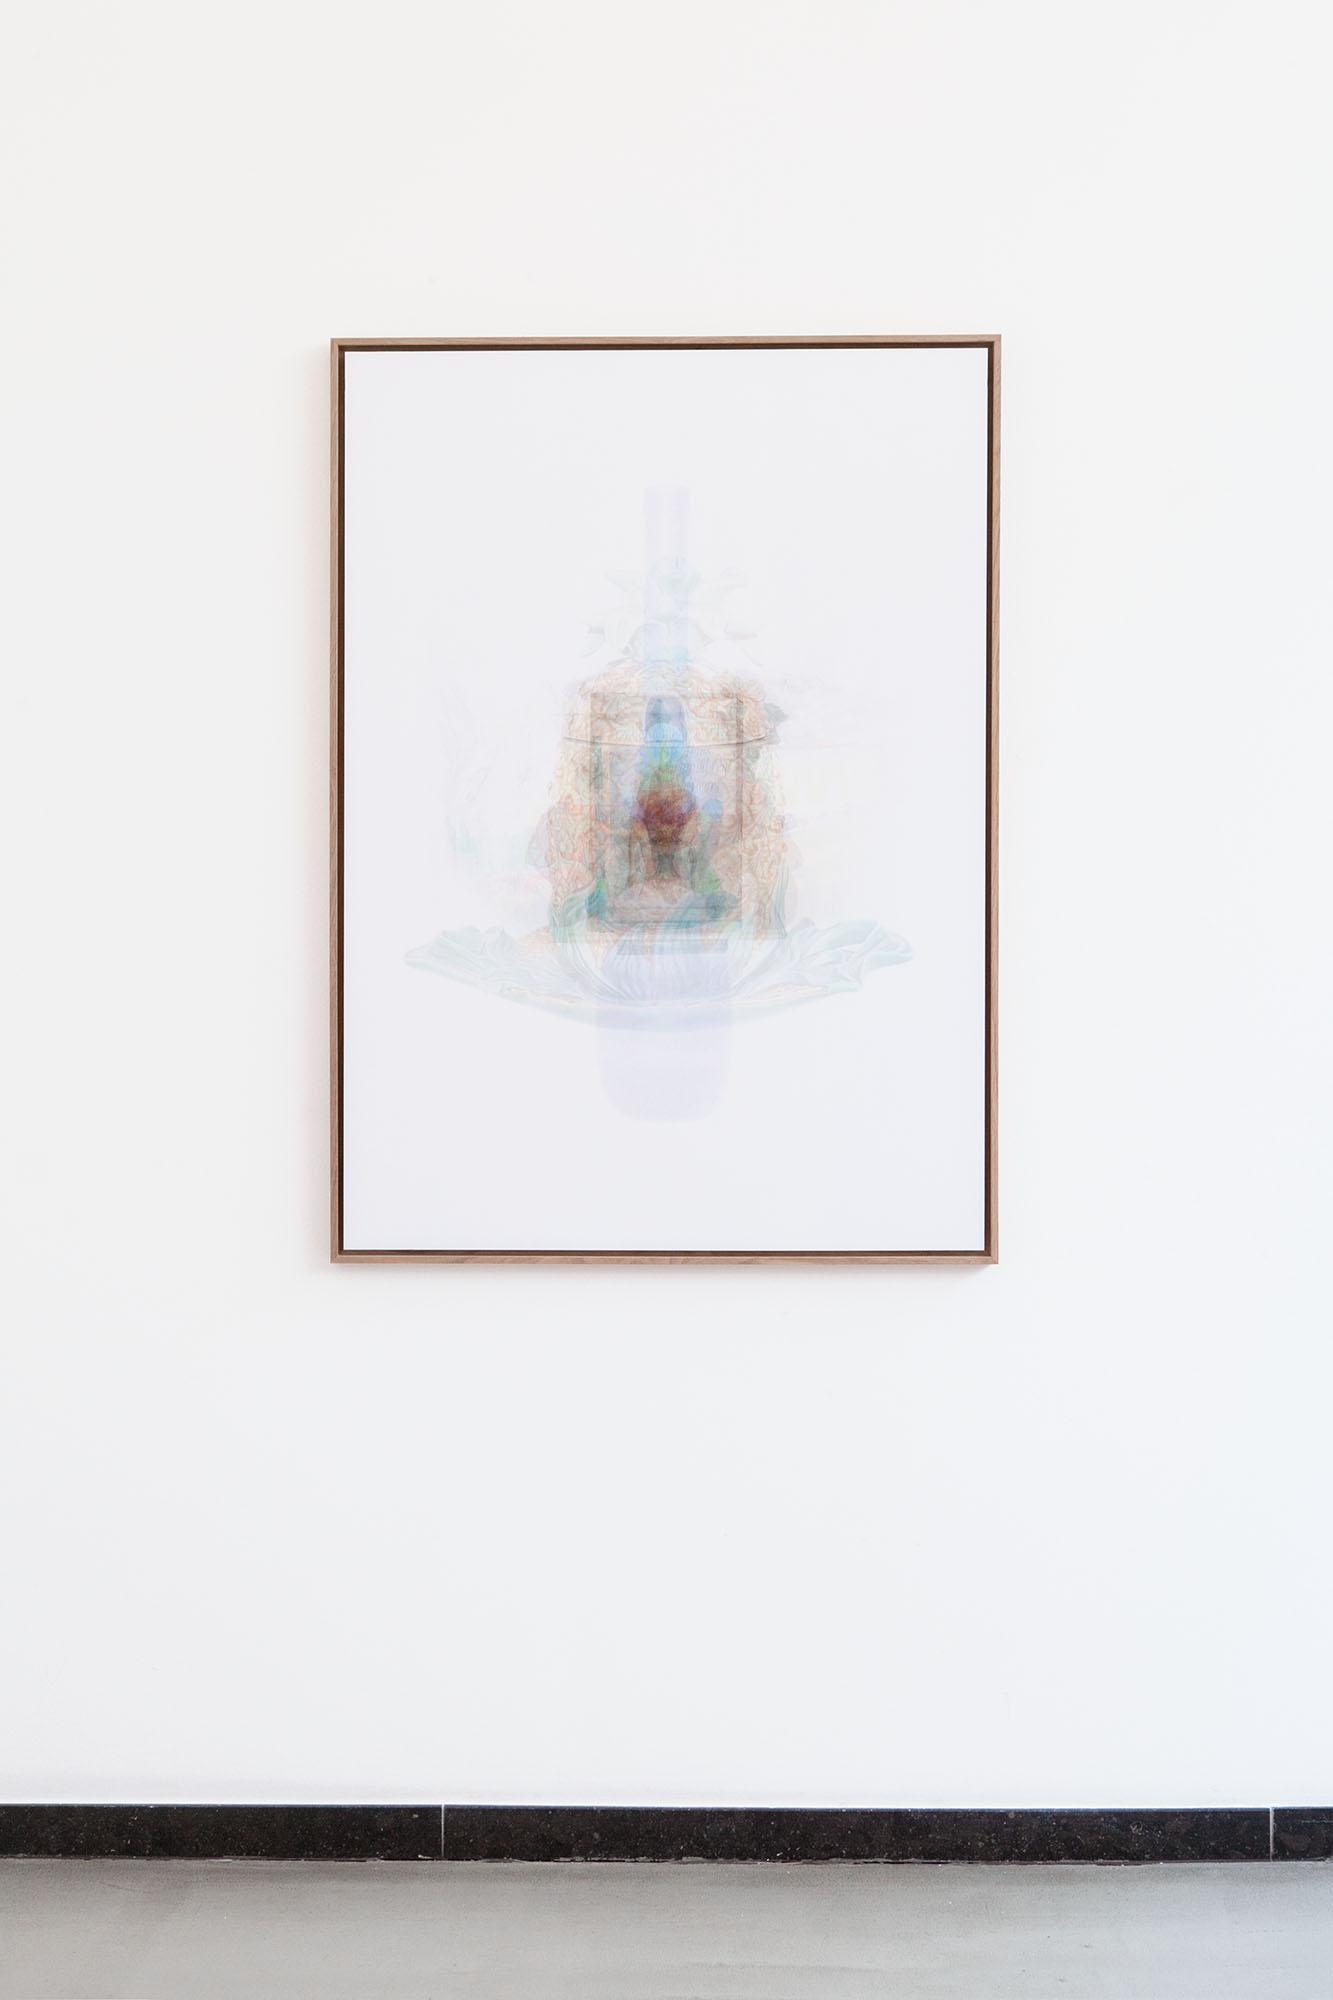 Justine Guerriat_Musée de la Photographie, Charleroi, 2014-2015_006.jpg